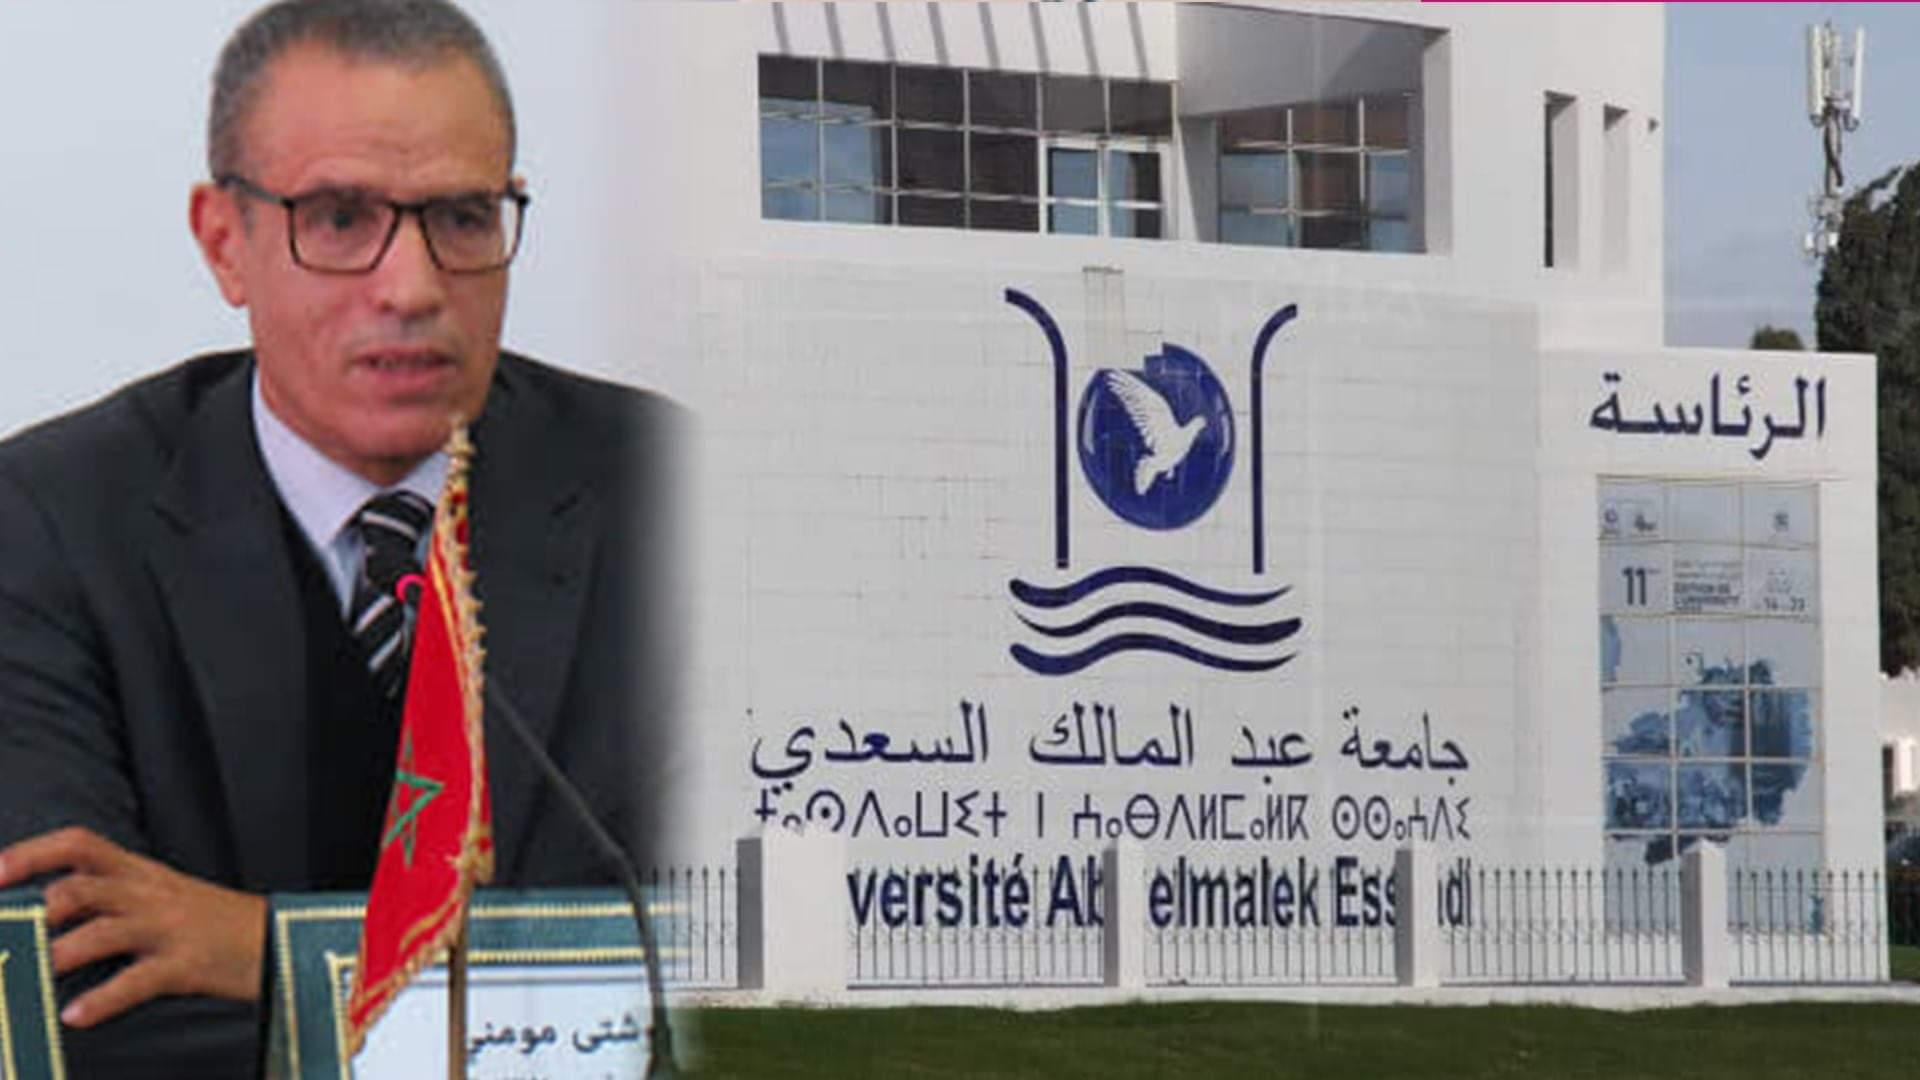 رسالة الى الدكتور بوشتى الموني رئيس جامعة عبد المالك السعدي..